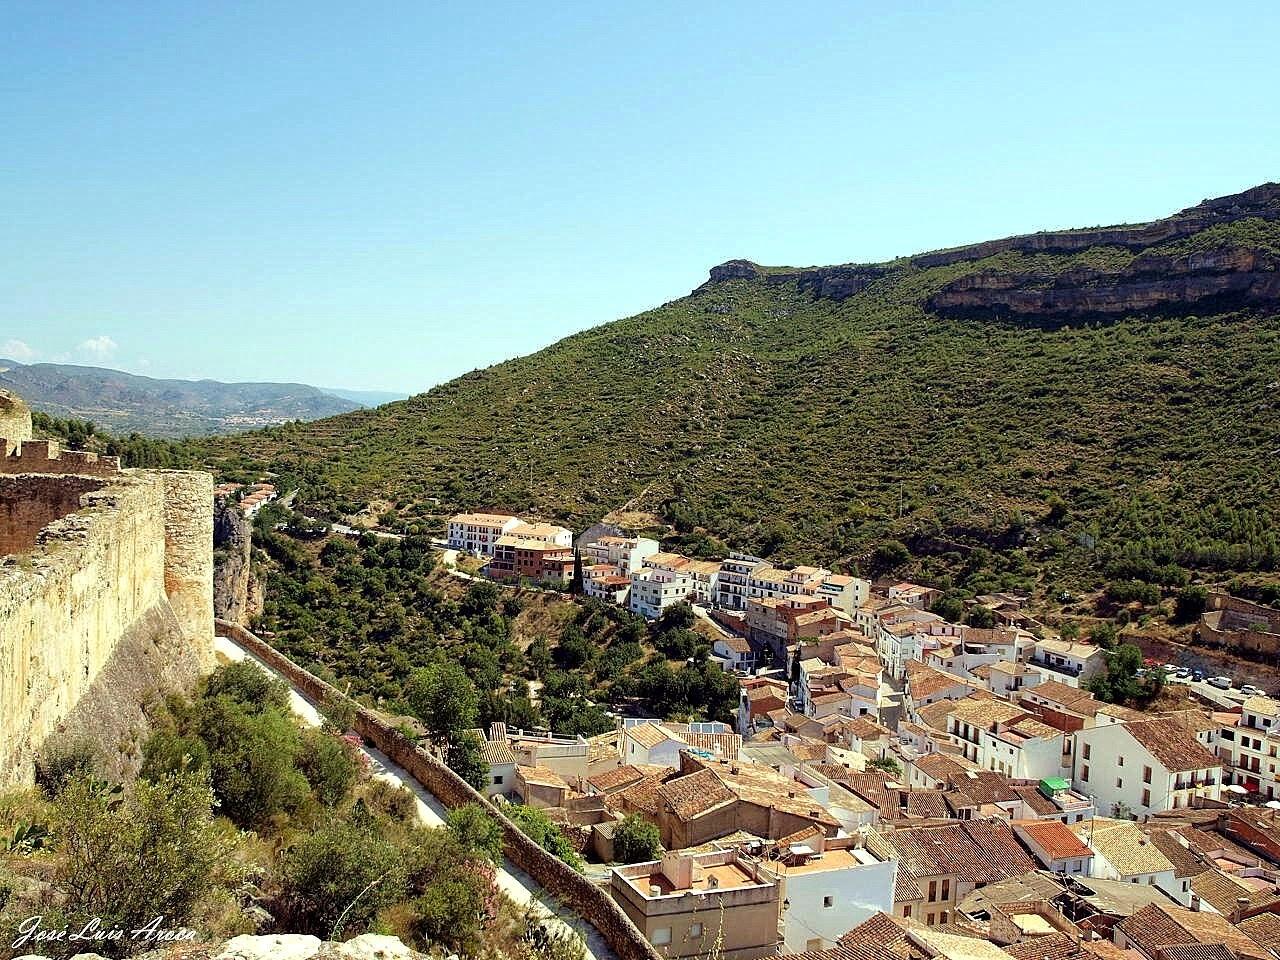 Gestalgar (Valencia)